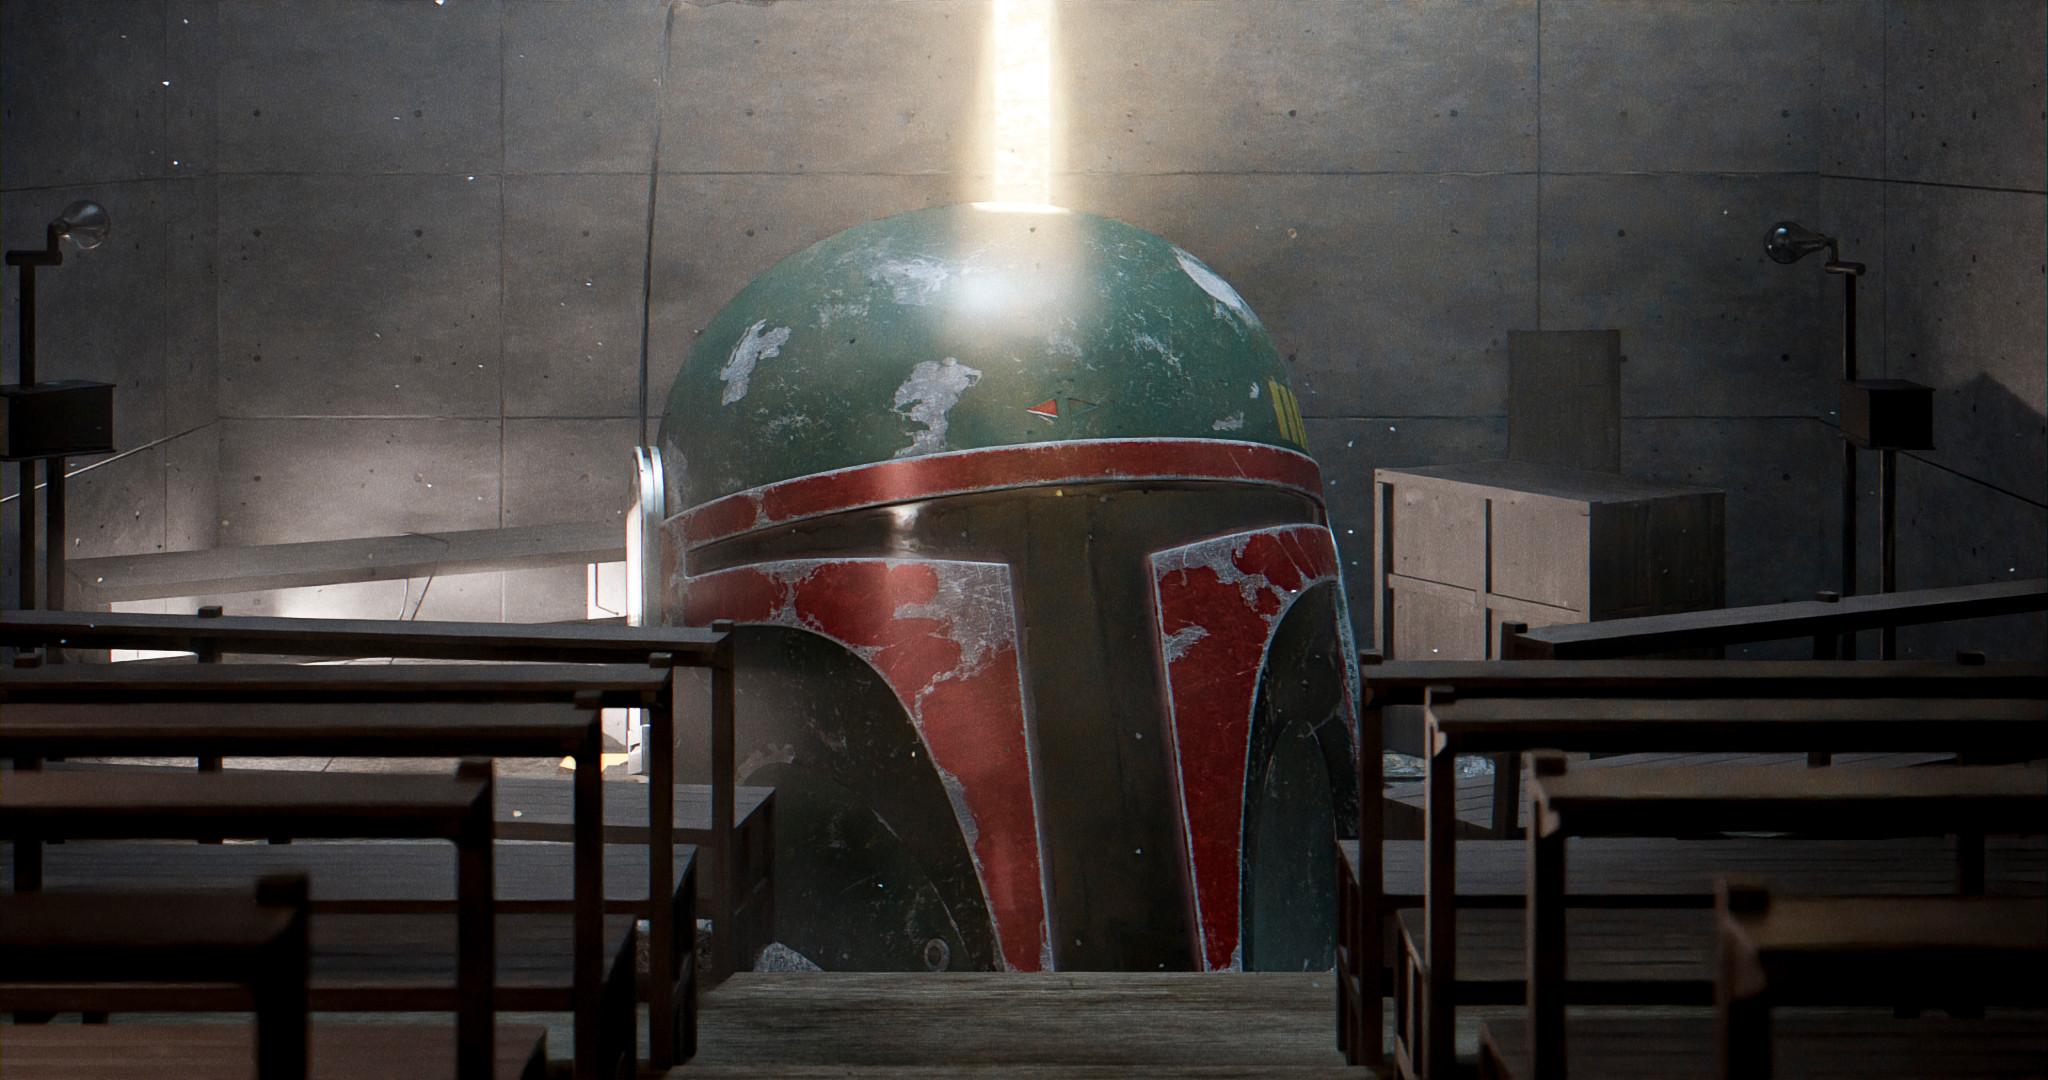 -The Church of Light - Tadao Ando (1989) -Star Wars - Boba Fett's Helmet